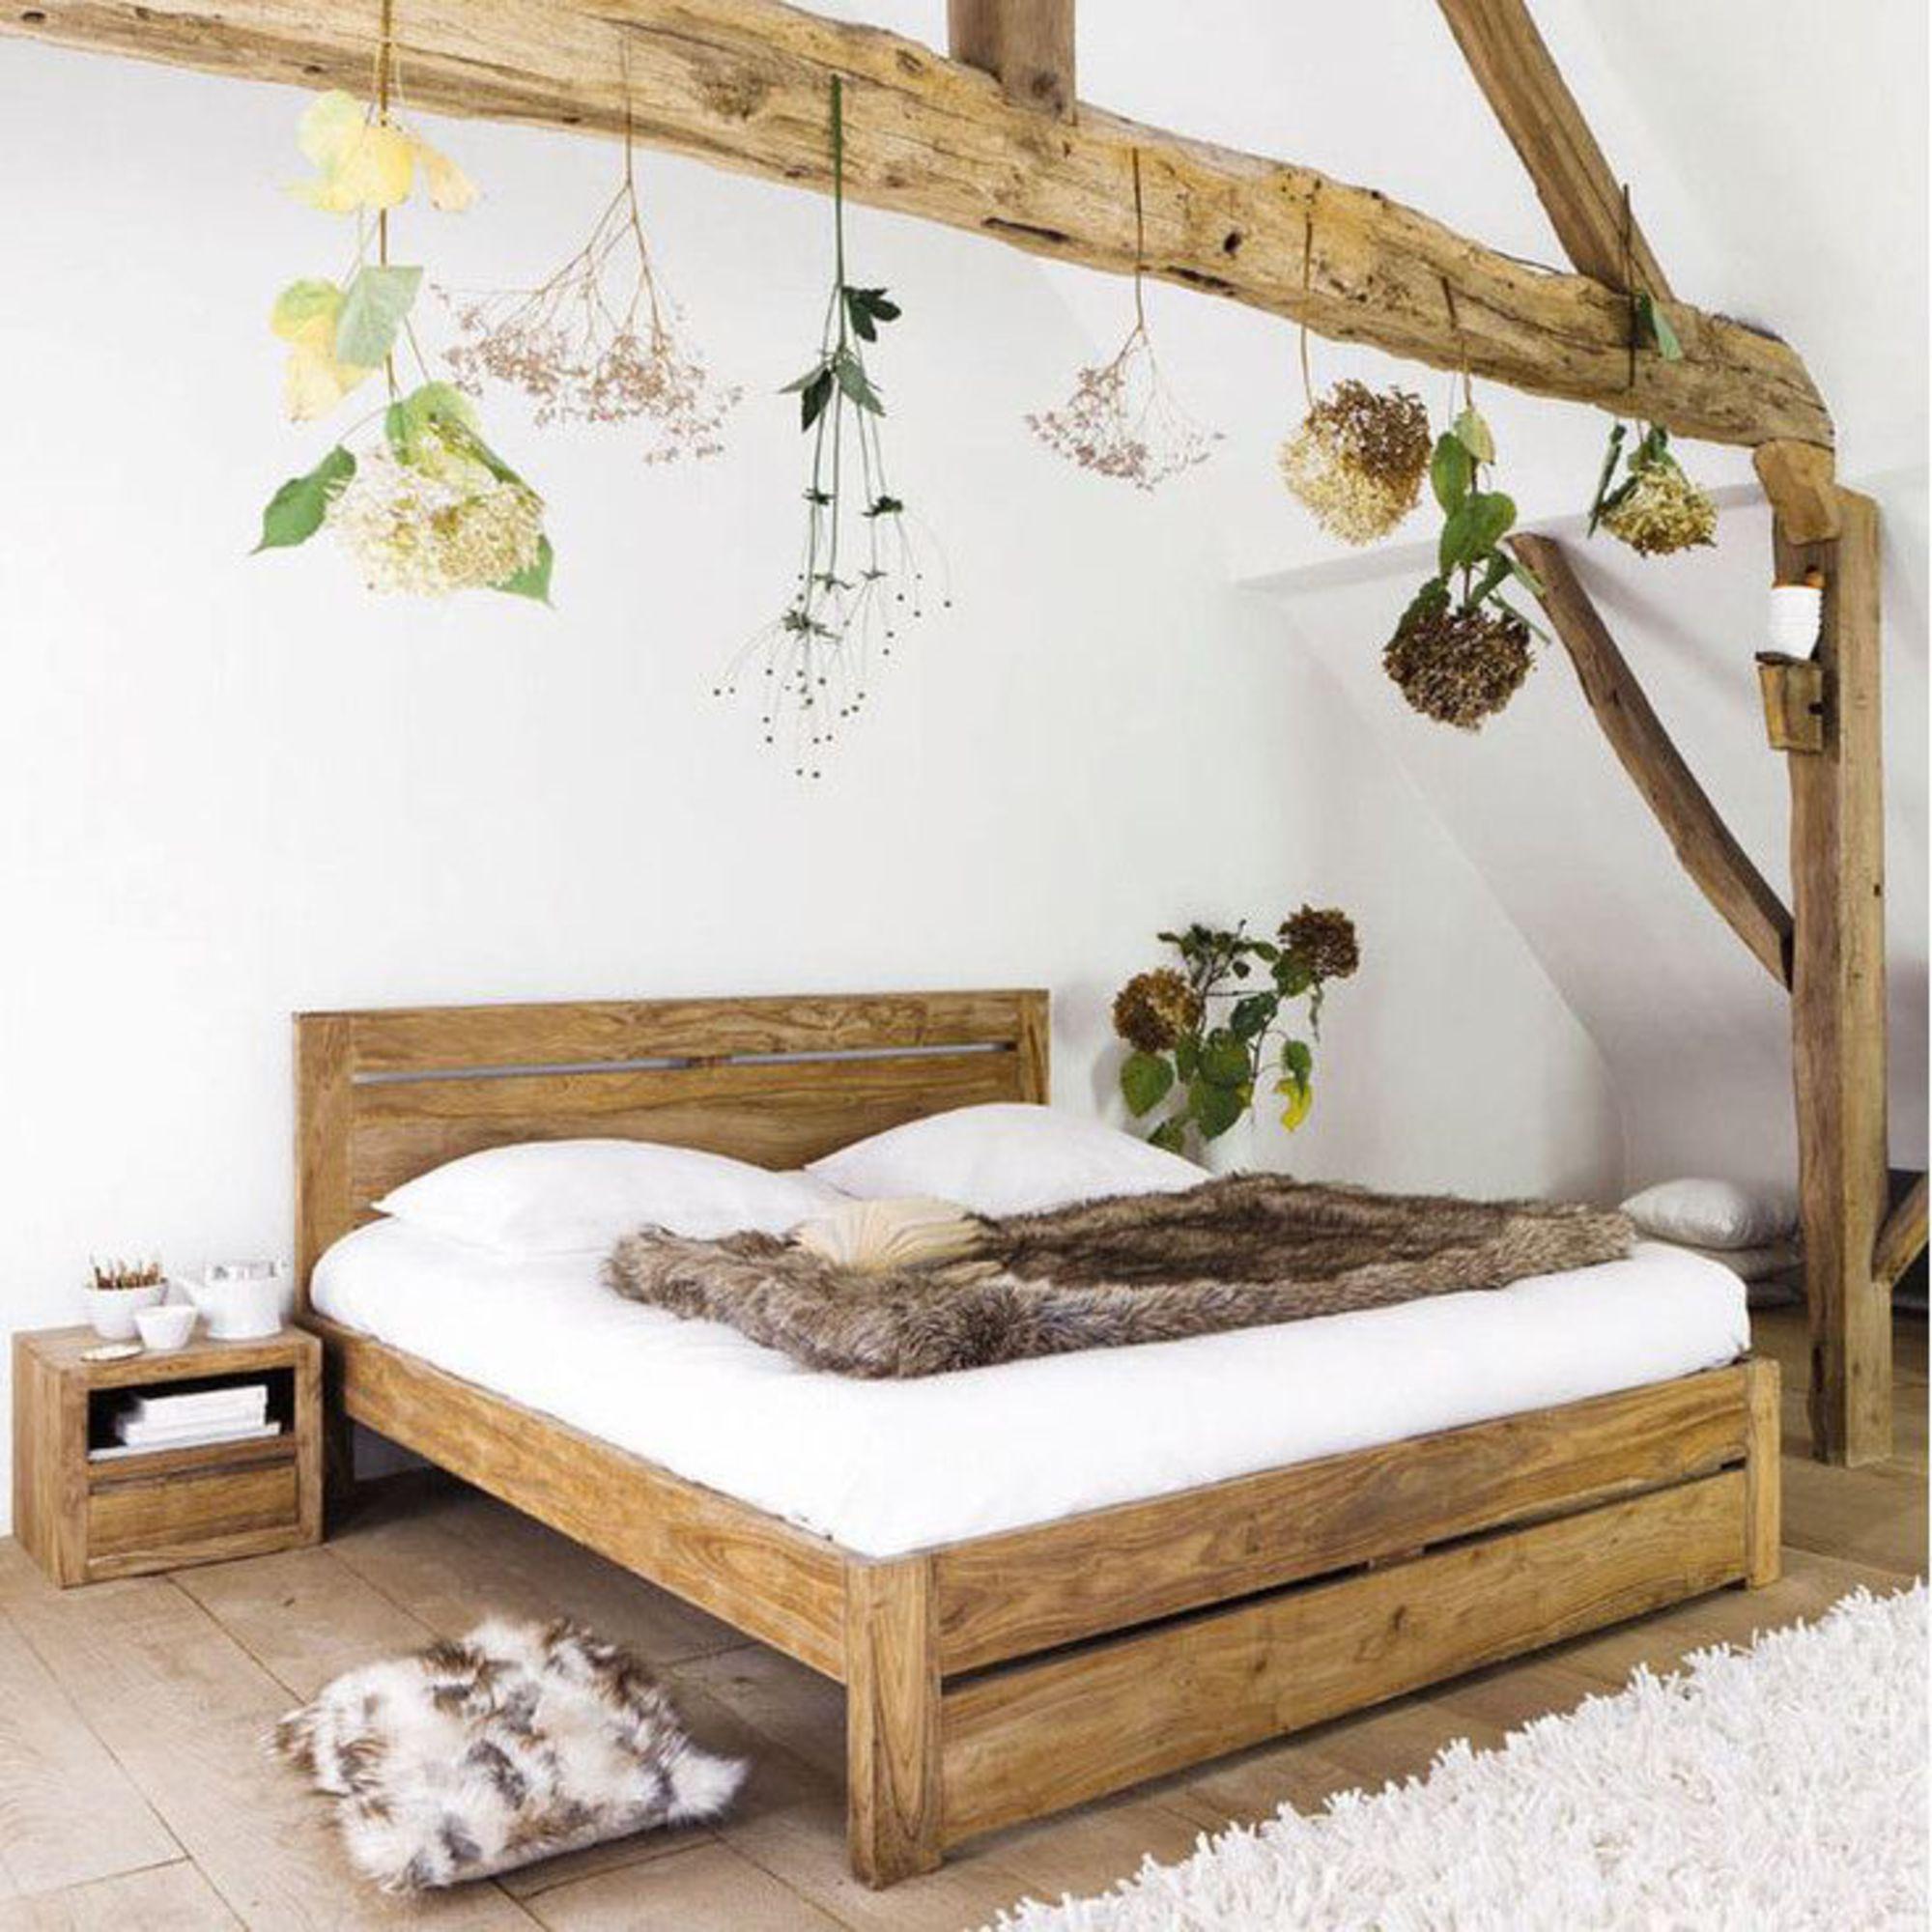 Chambre zen une tendance d co pour bien dormir for Decoration chambre zen attitude